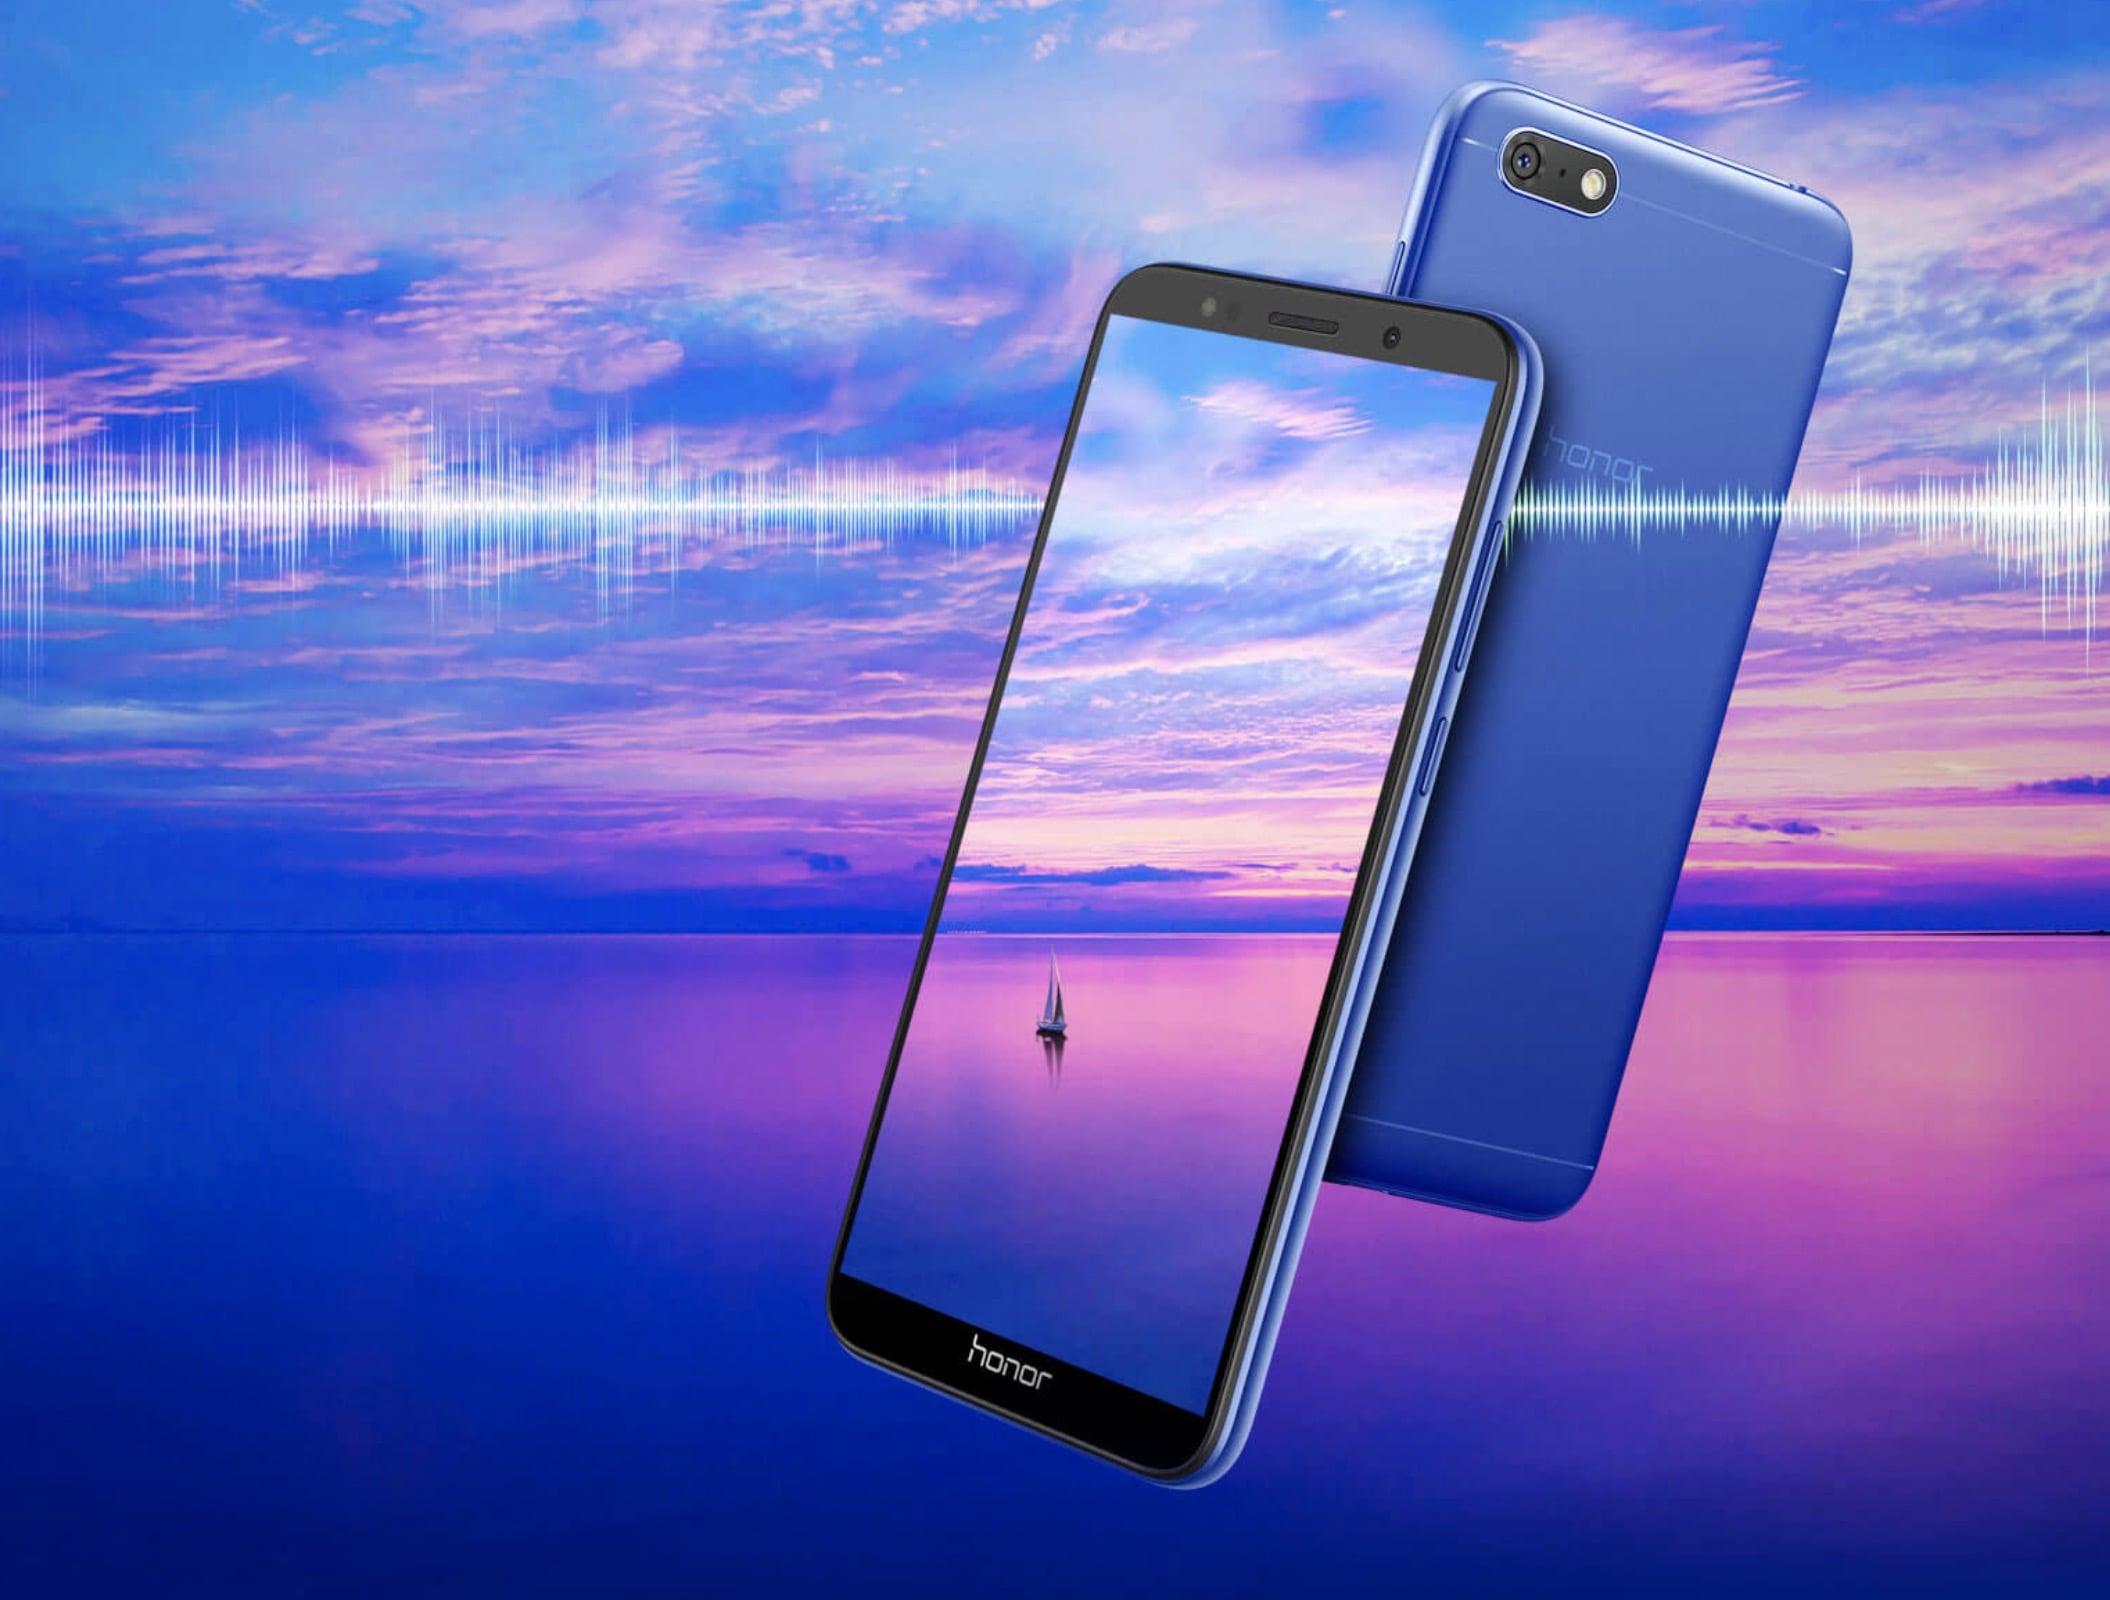 Tabletowo.pl Jaki smartfon kupić do 500 złotych? (grudzień 2018) Alcatel Android Co kupić Cykle Huawei Meizu Smartfony Xiaomi